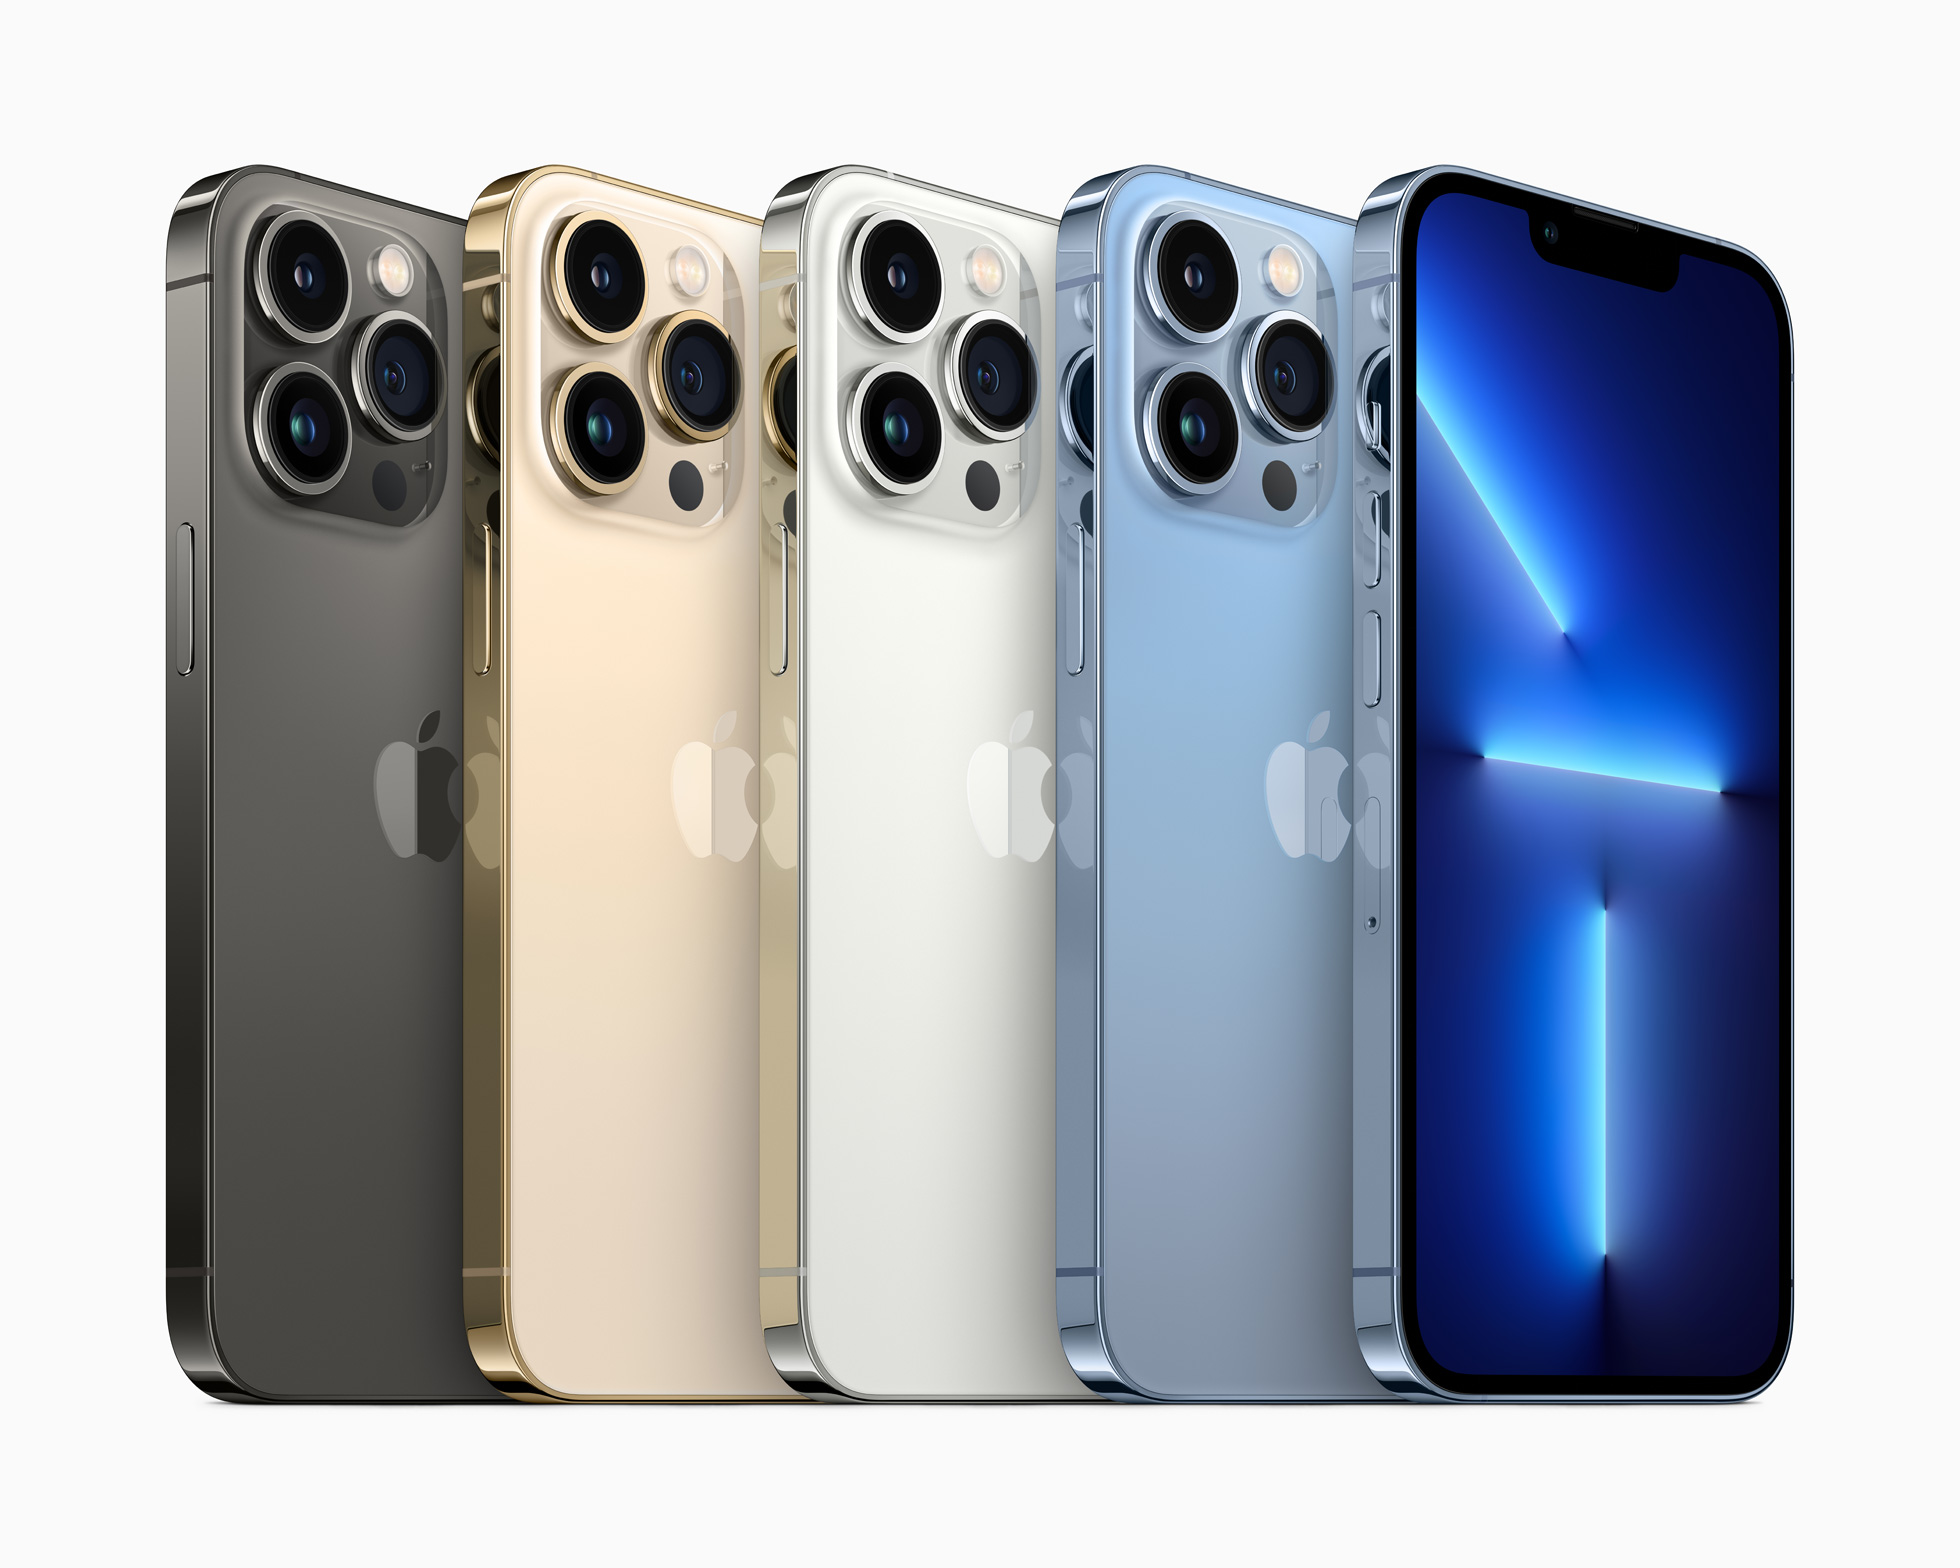 พาชม เปิดตัว iPhone 13,iPhone 13 mini,iPhone 13 Pro,iPhone 13 Pro Max